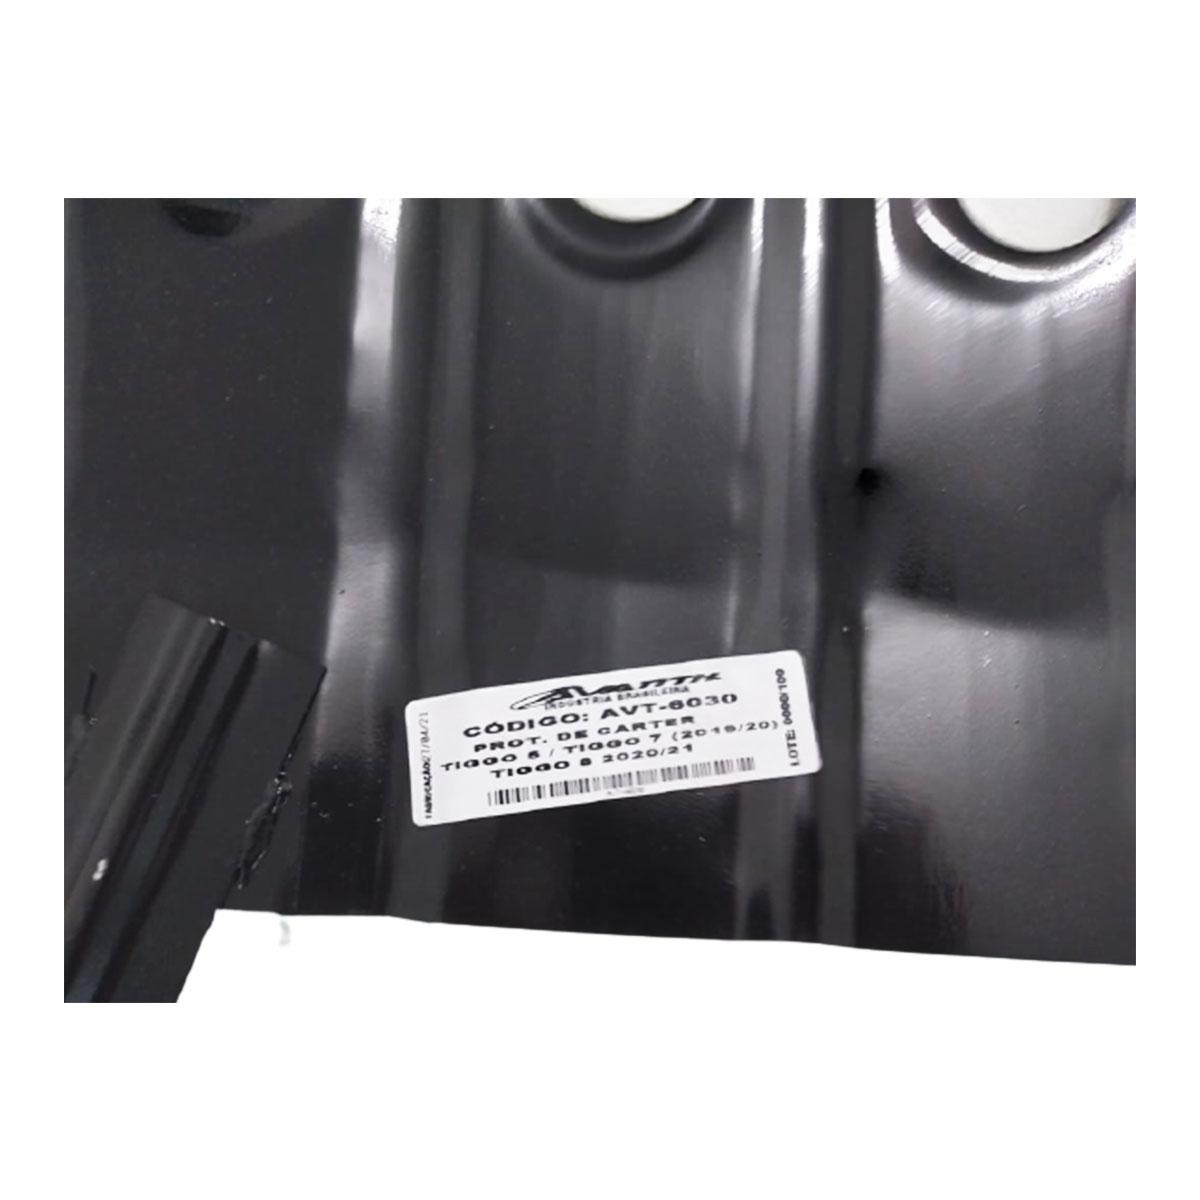 Protetor de Cárter para linha Chery Tiggo 5X Tiggo 7 e Tiggo 8 - AVT-6030